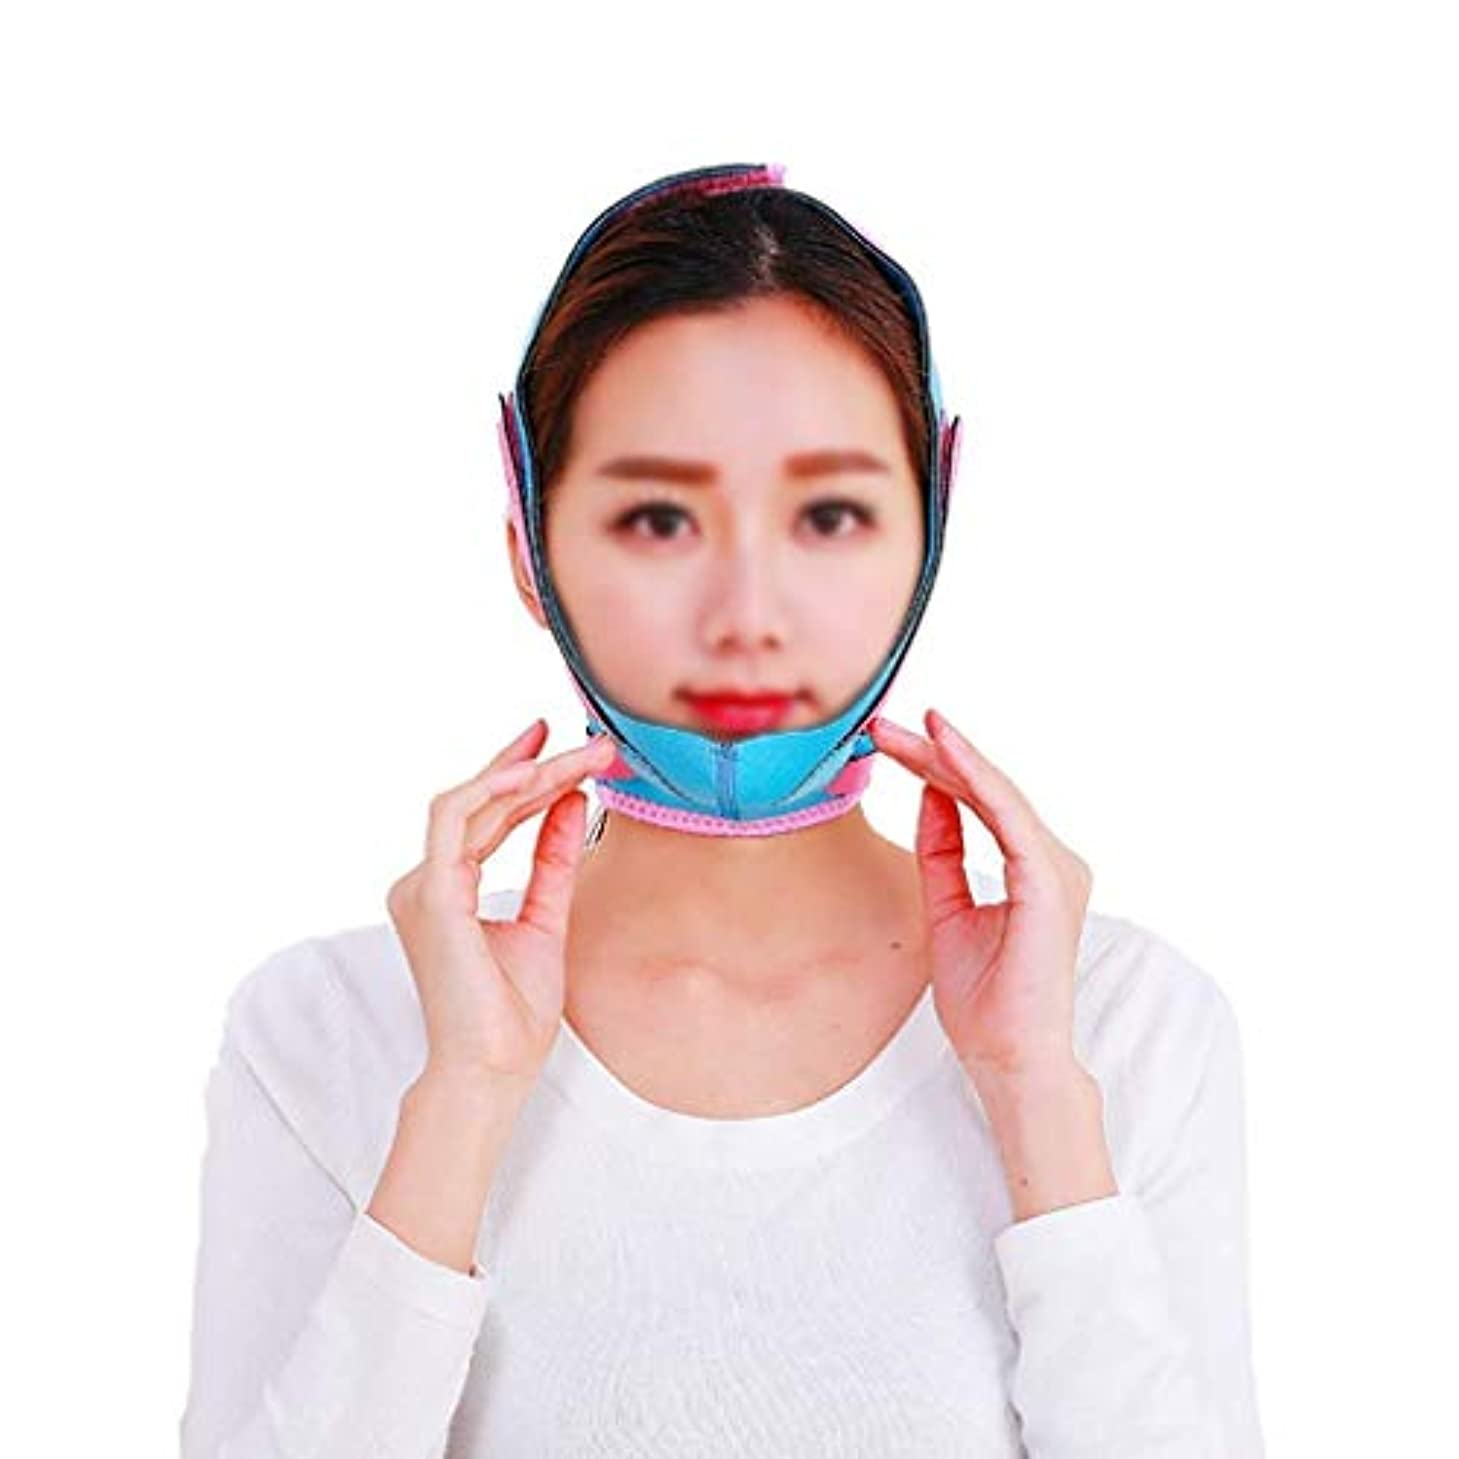 非常に怒っていますタバコエーカー顔と首のリフト、男性と女性のフェイスリフトアーティファクトシュリンクマスクを強化輪郭の救済ドループ筋肉引き締め肌弾性V顔包帯